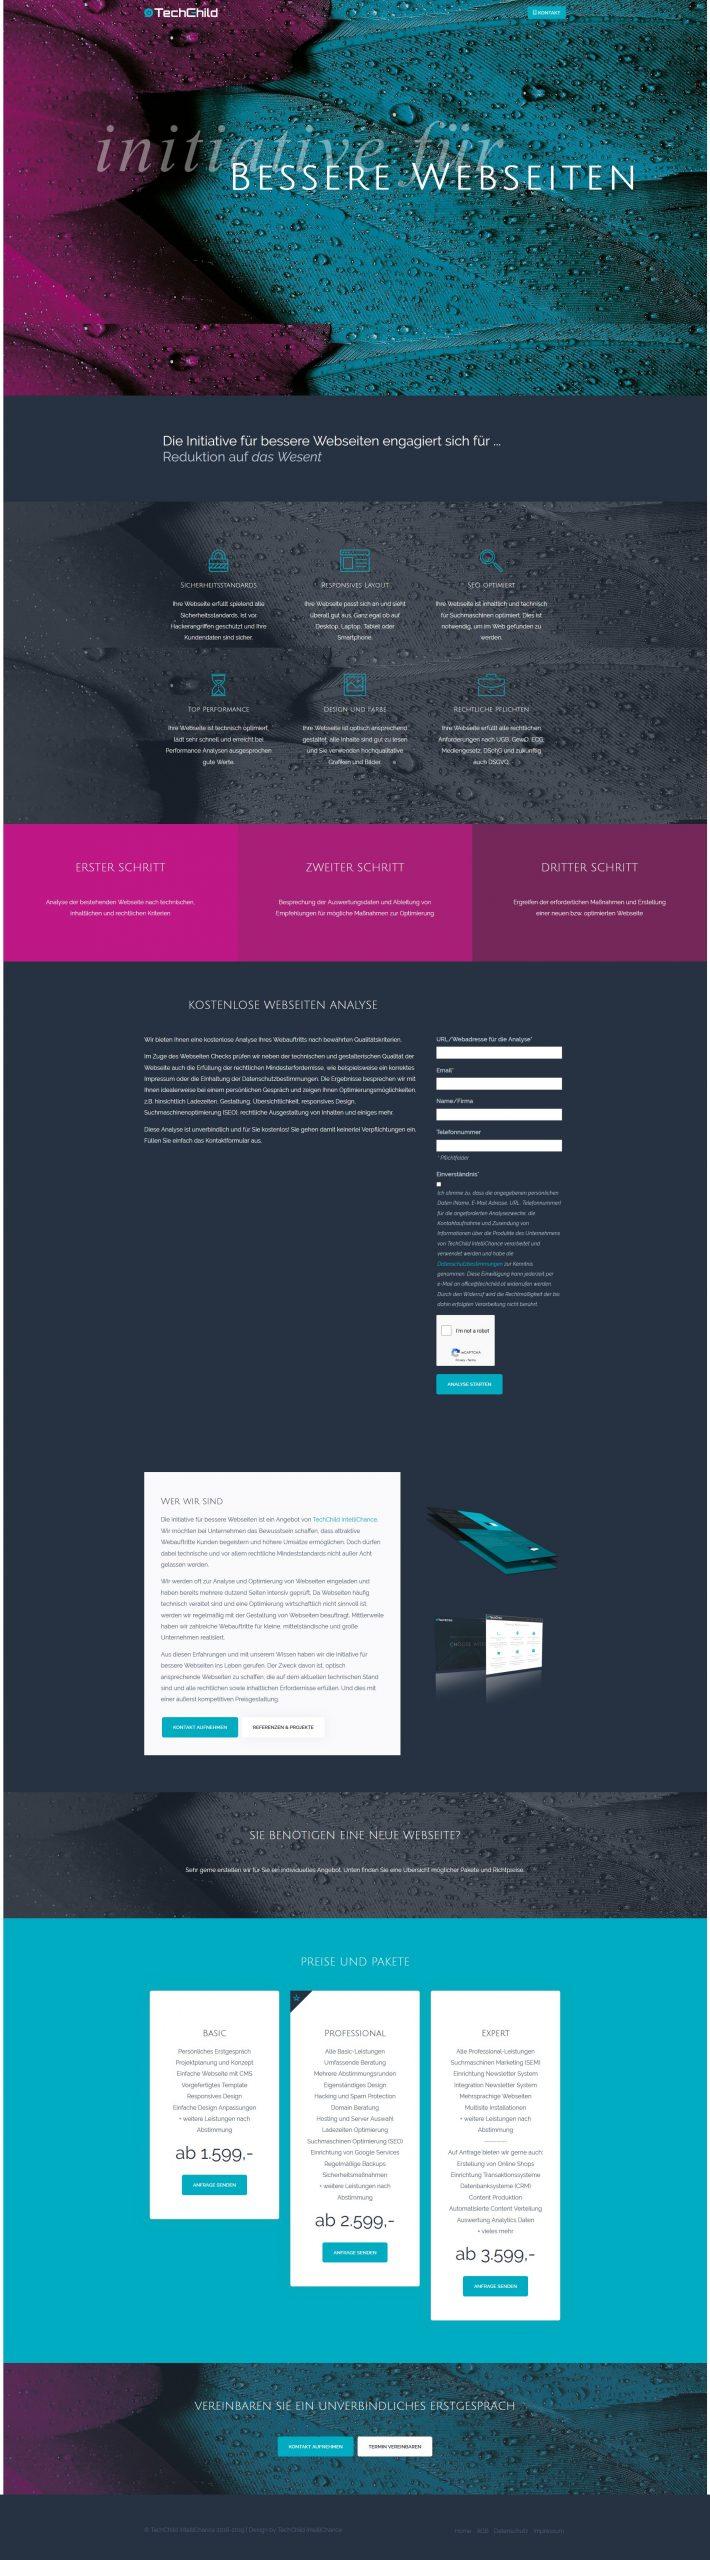 Initiative für bessere Webseiten – TechChild IntelliChance – www.techchild.at